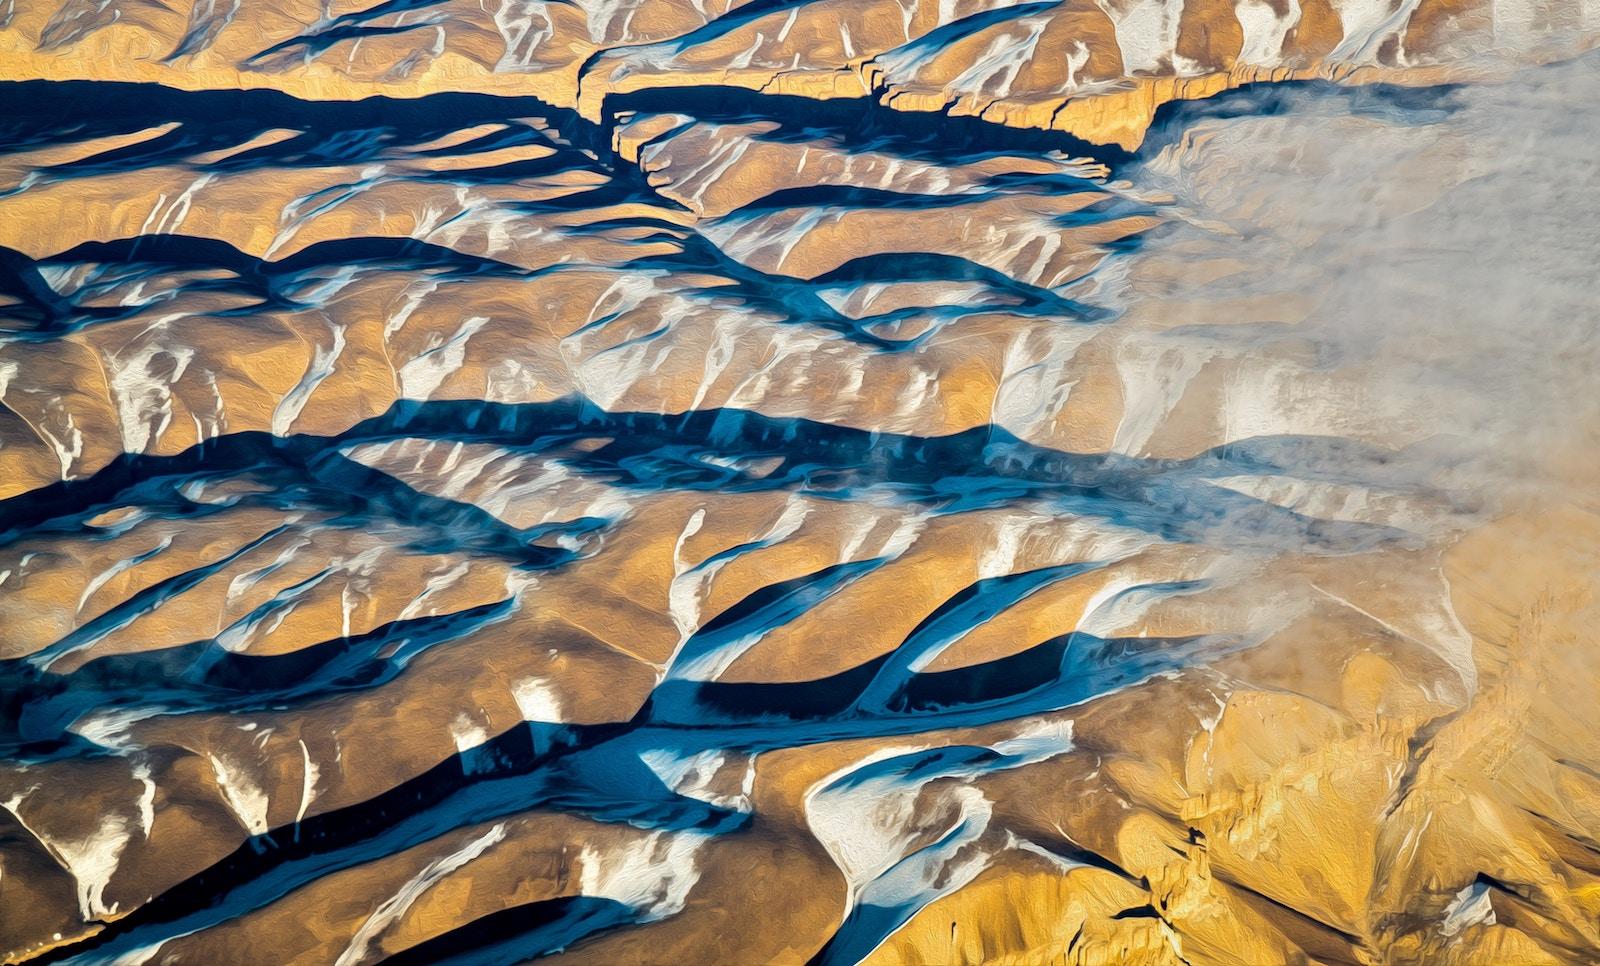 Mountain range in Afghanistan. (Photo: Pierpaolo Lanfrancotti/ unsplash)